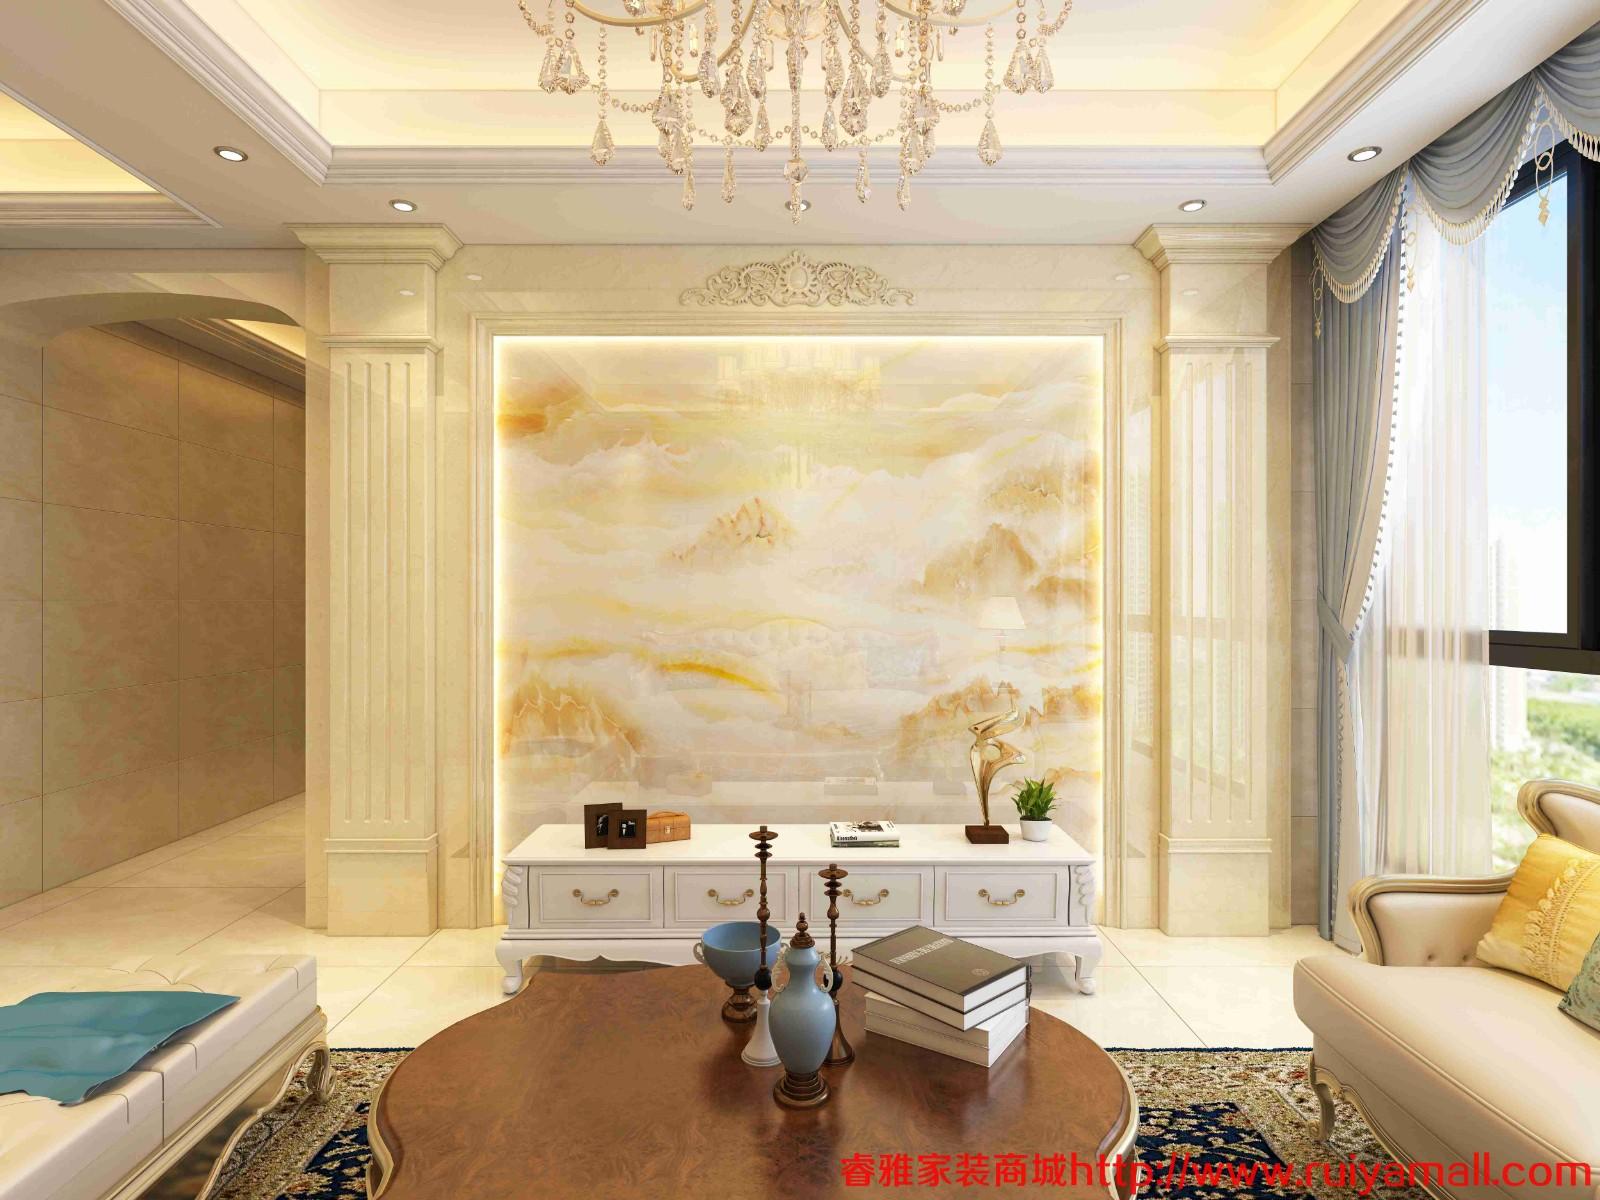 电视背景墙瓷砖现代简约客厅3D微晶石石材边框装饰造型石材护墙板-套餐5